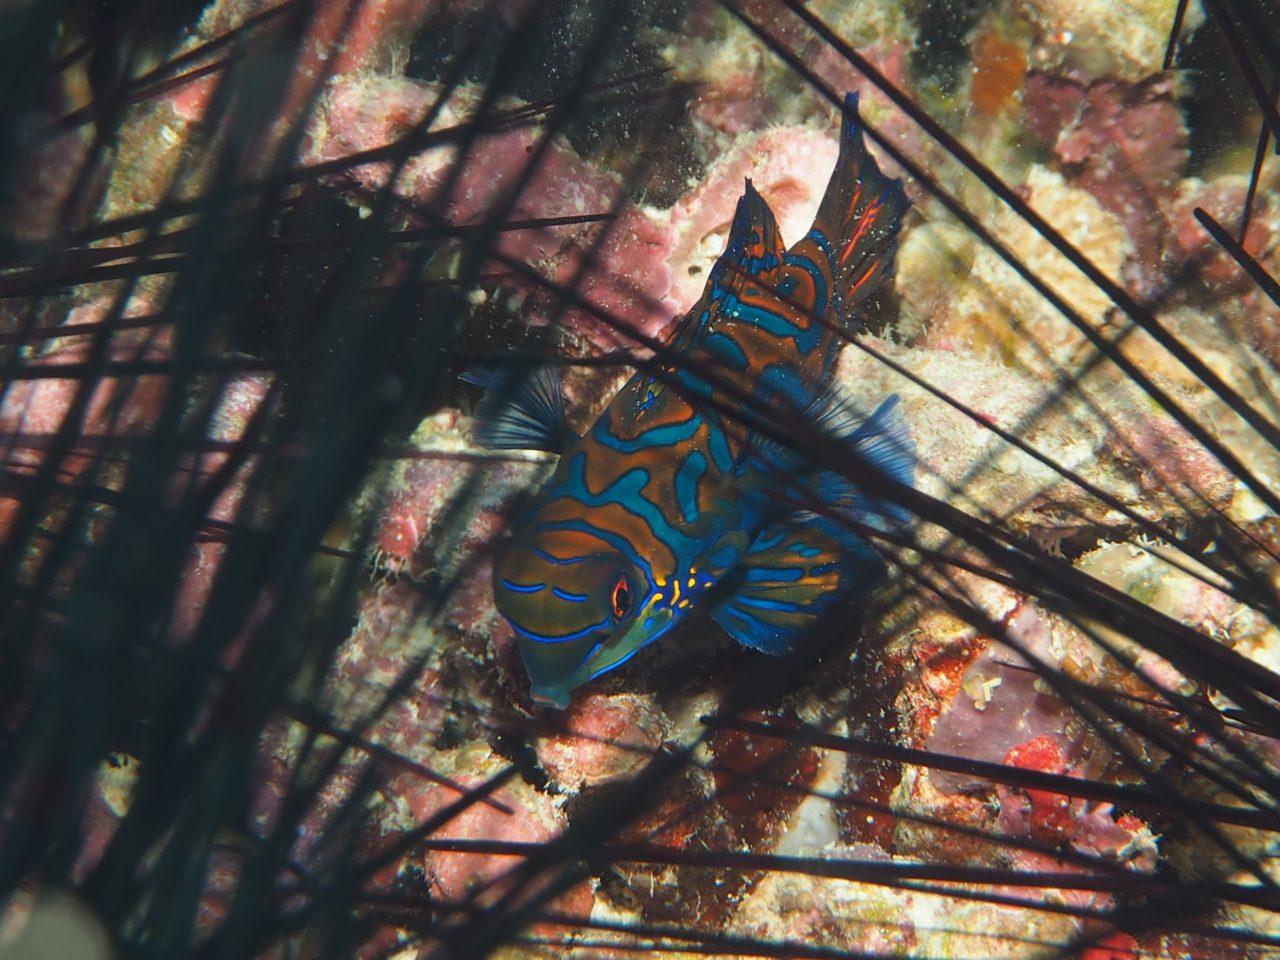 ノバビーチのハウスリーフにいるニシキテグリ